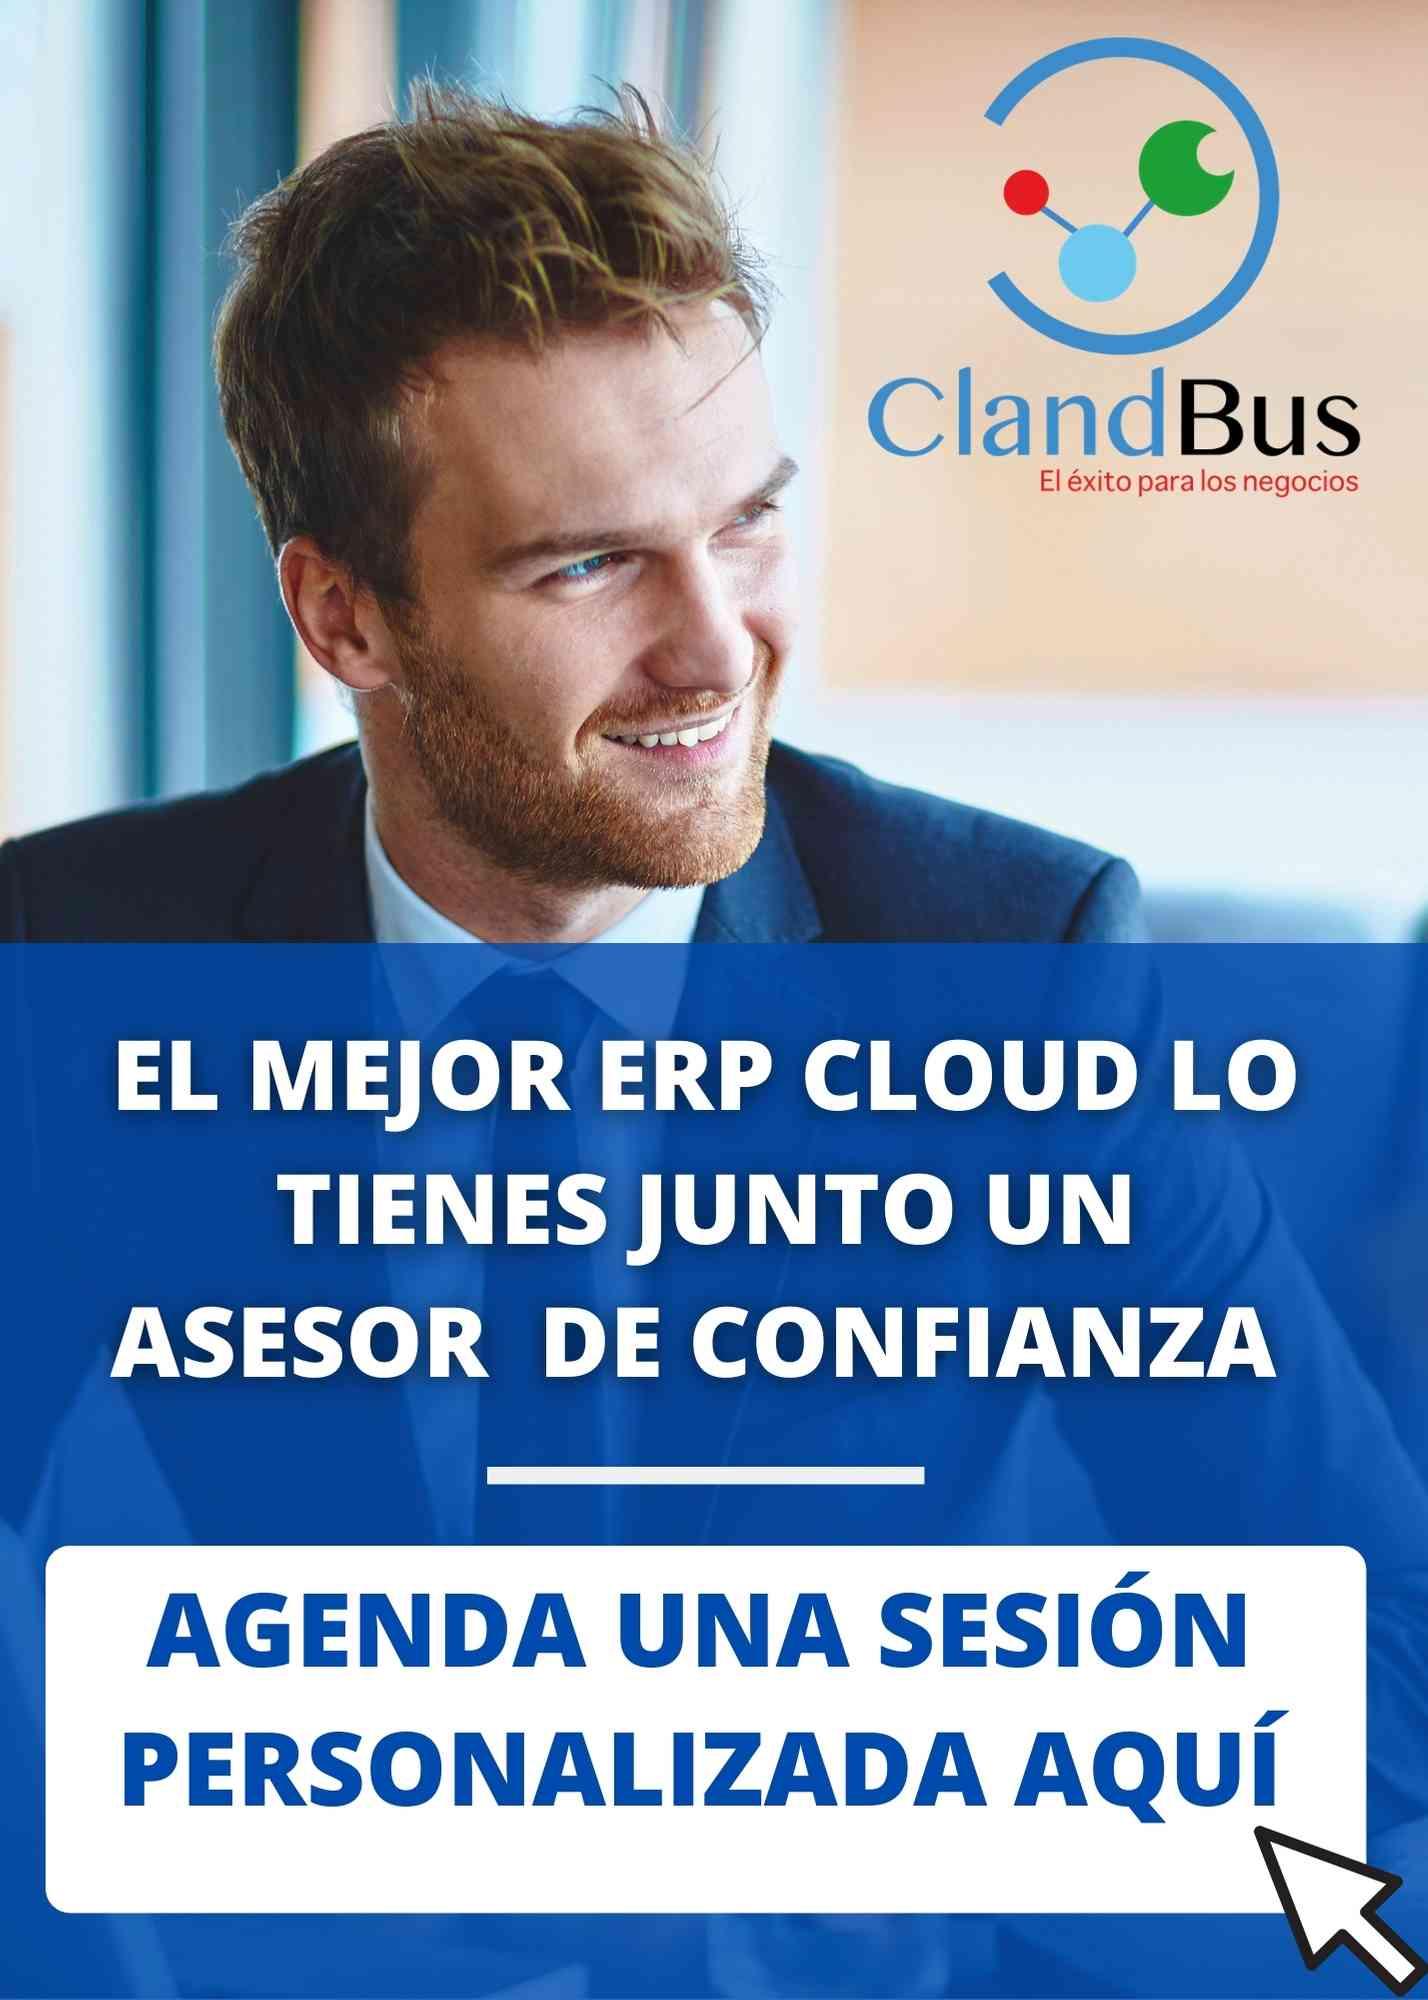 como lograr un alto nivel de auditabilidad - Agende una Demo del Acumatica y mejores el seguimiento a sus actividades por alertas automáticas con ClandBus